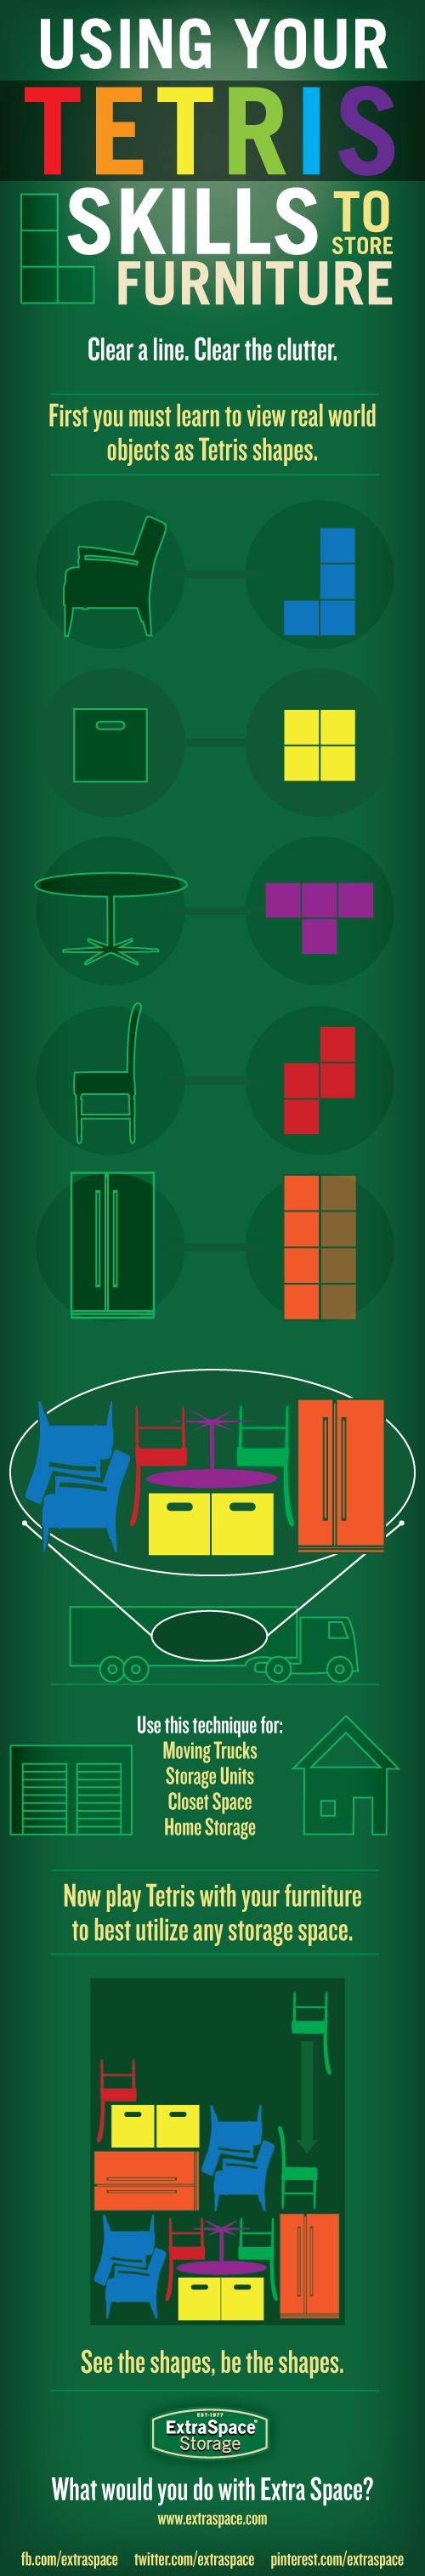 Tus conocimientos de Tetris en las mudanzas